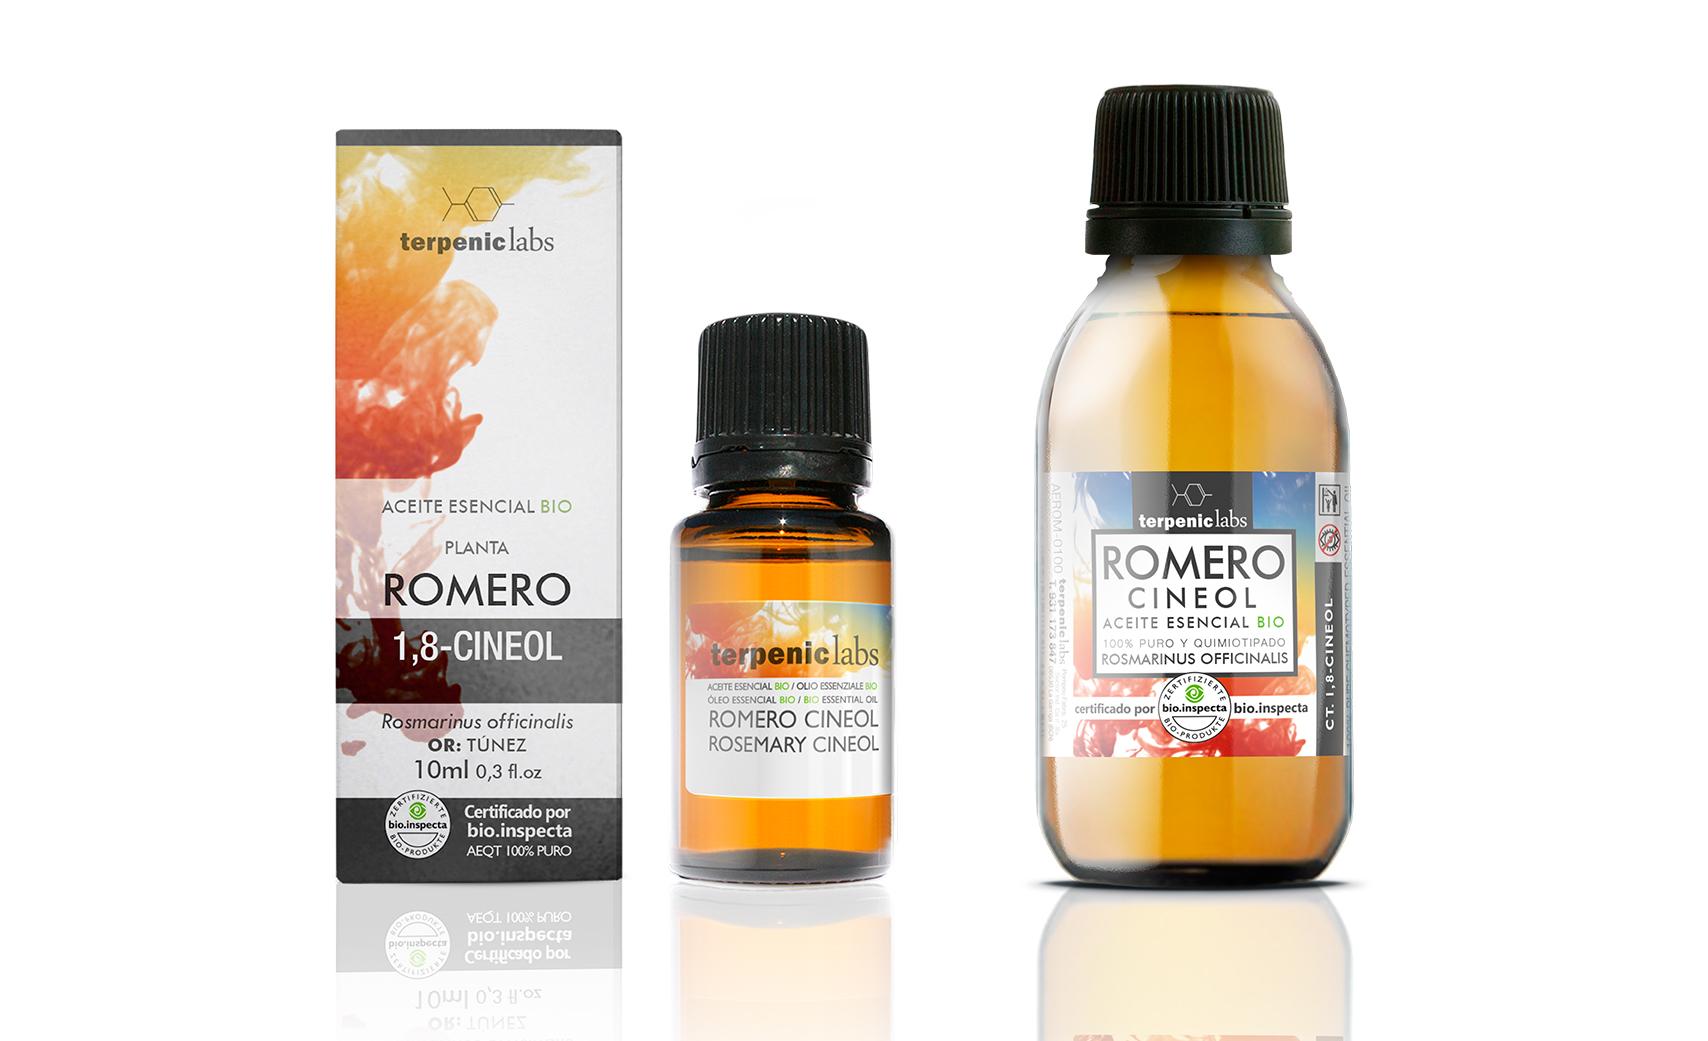 Romero Cineol - Aceite Esencial